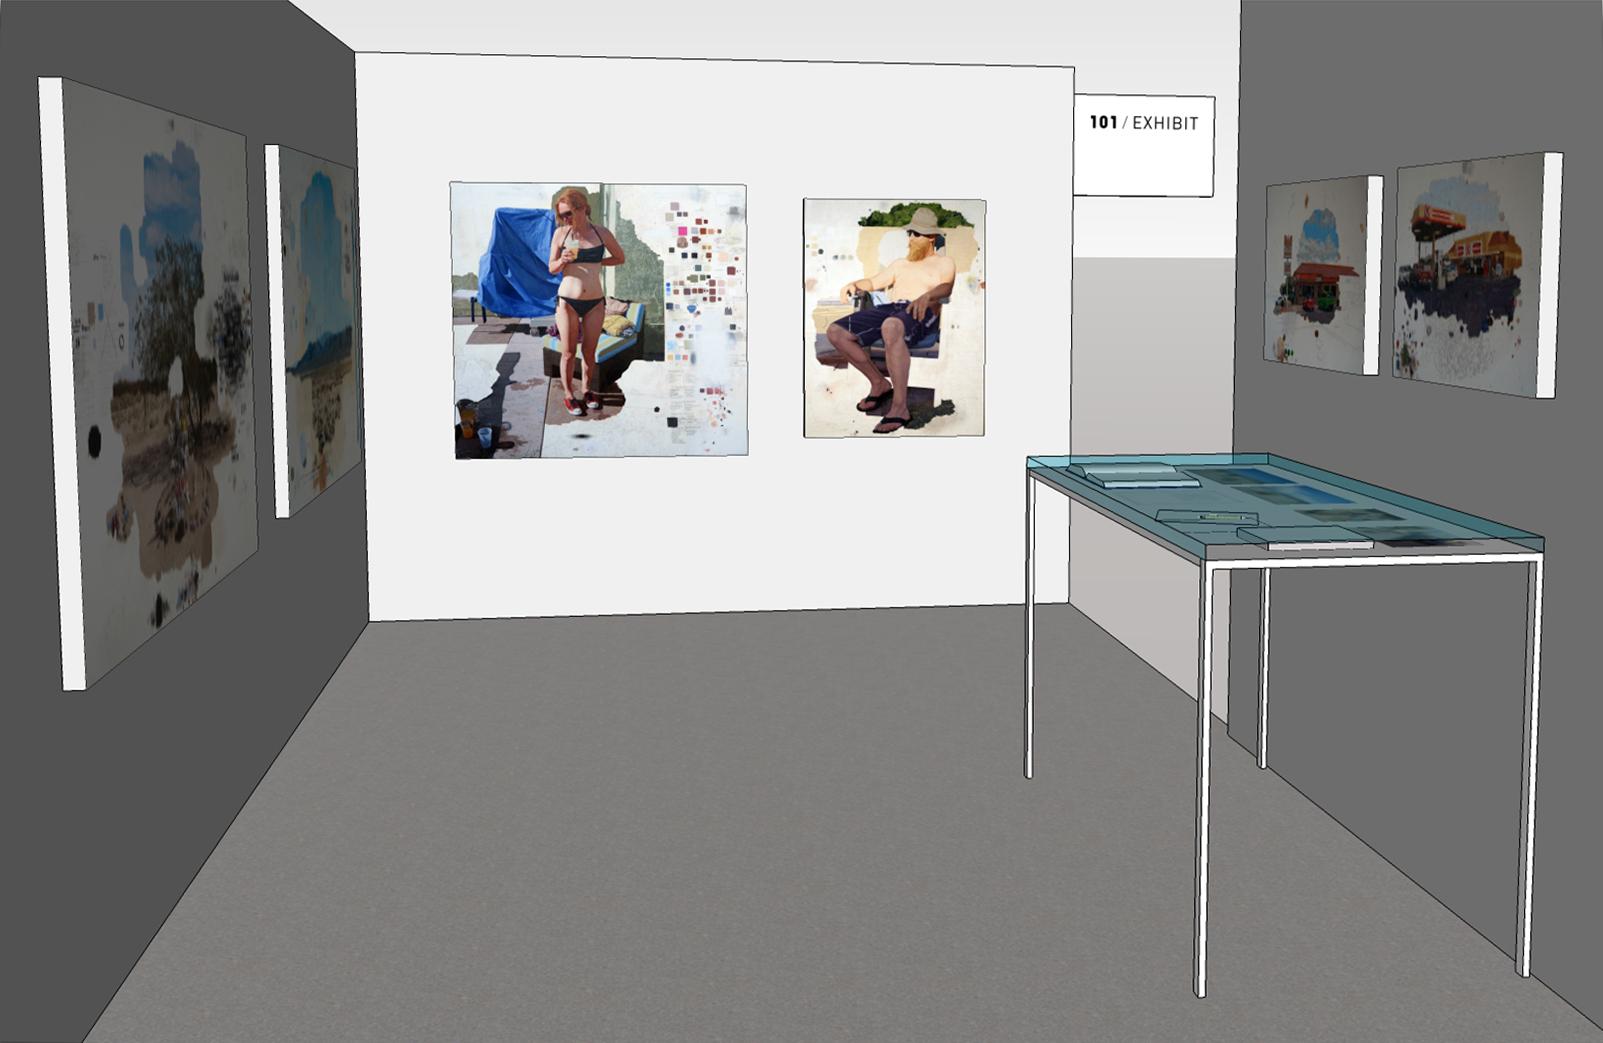 Booth_Rendering_03.jpg